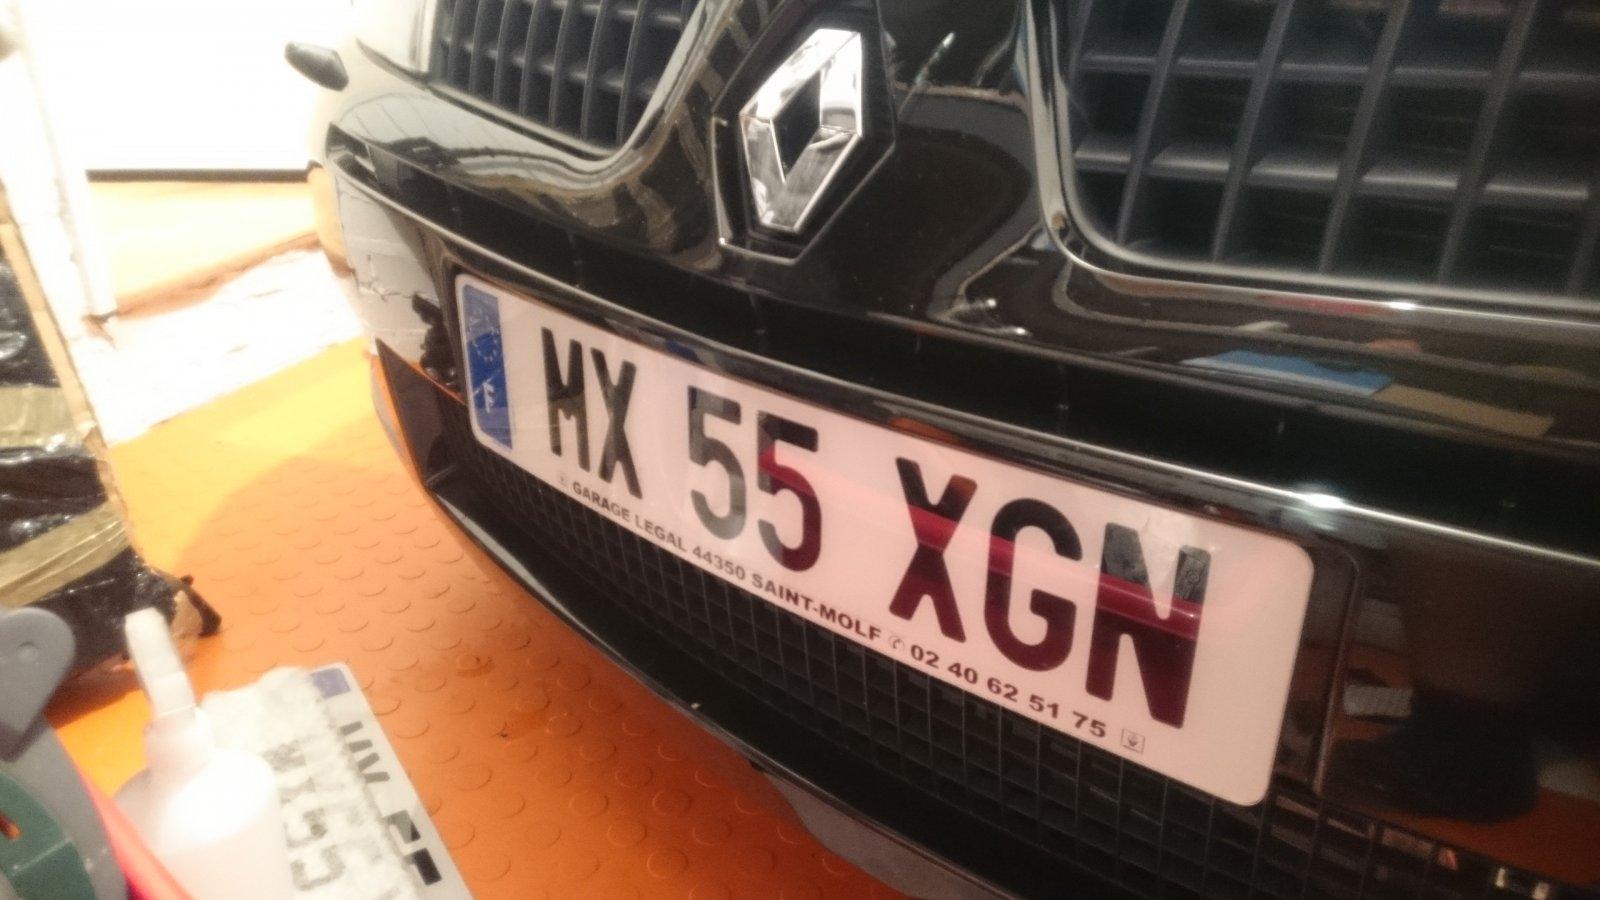 IMG-20160808-WA0044.jpeg